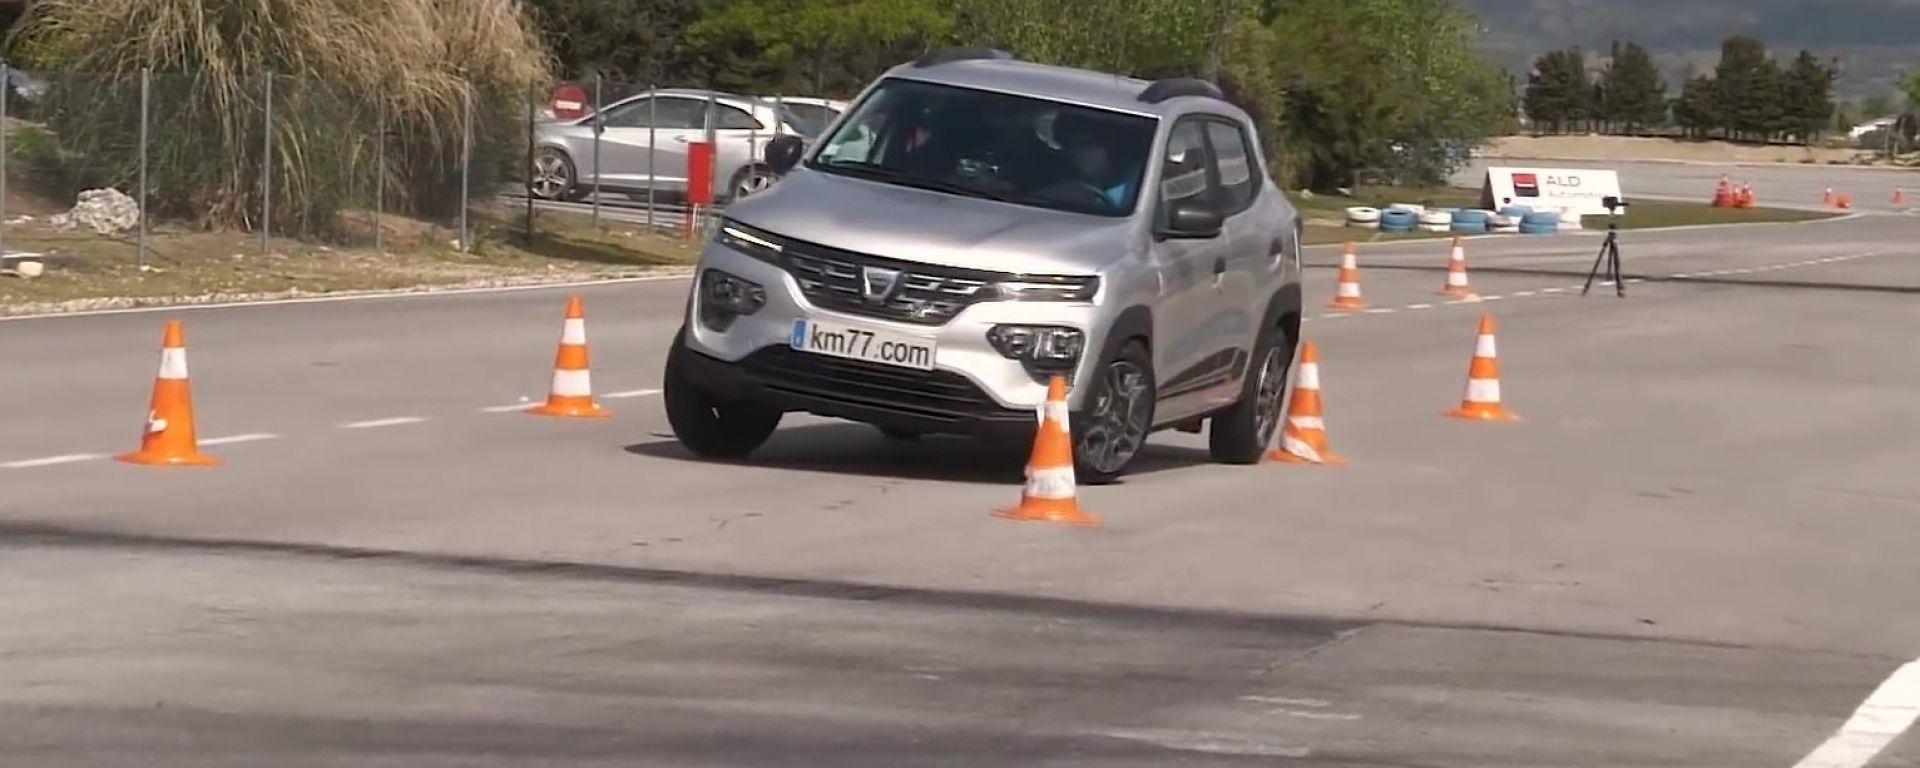 Dacia Spring al test dell'alce: quale punteggio?